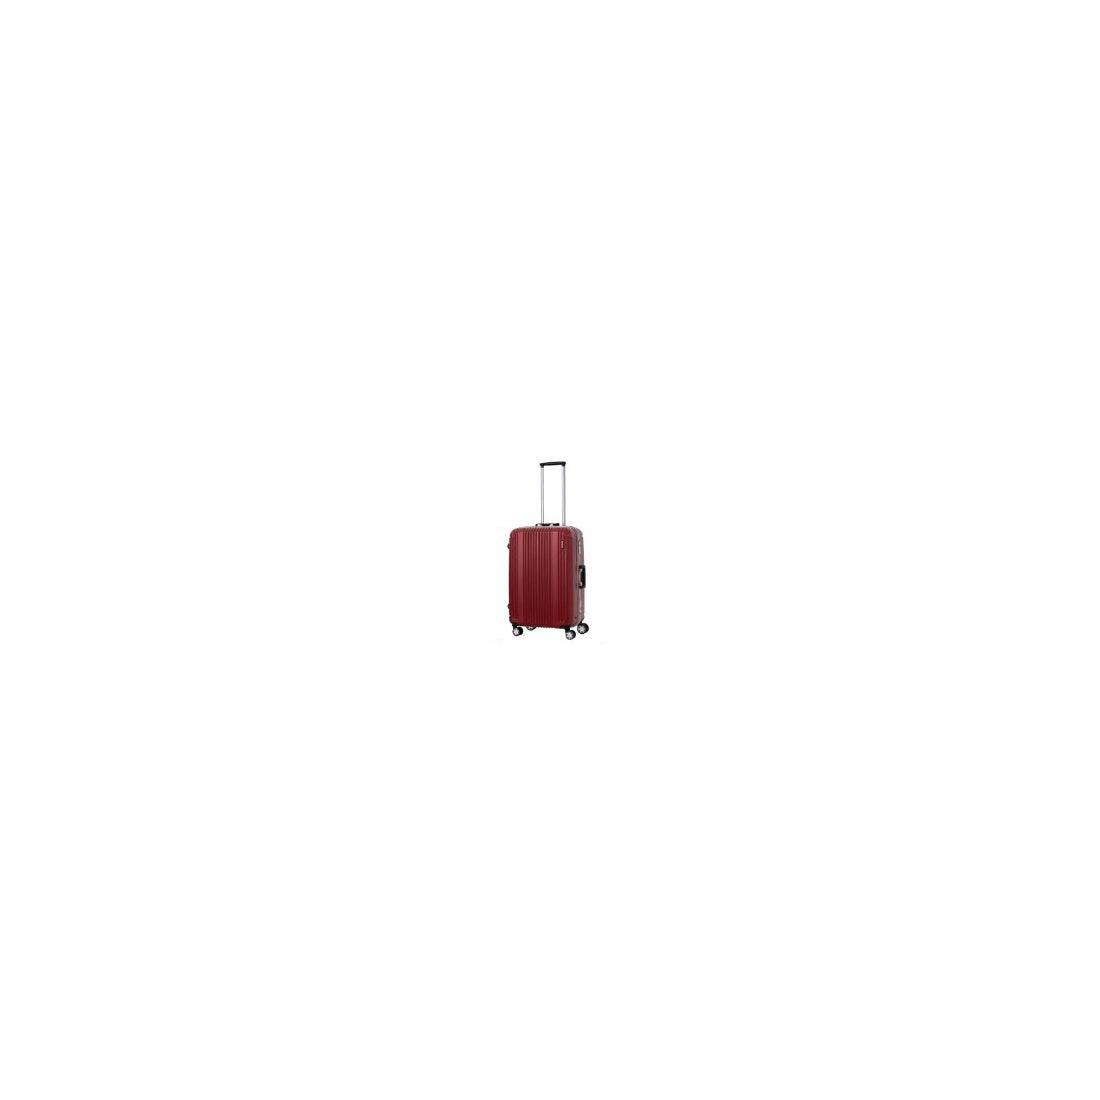 ロコンド 靴とファッションの通販サイト【SAC'SBAR】バーマスBERMASスーツケース6026558cmプレステージ2【44】ワイン